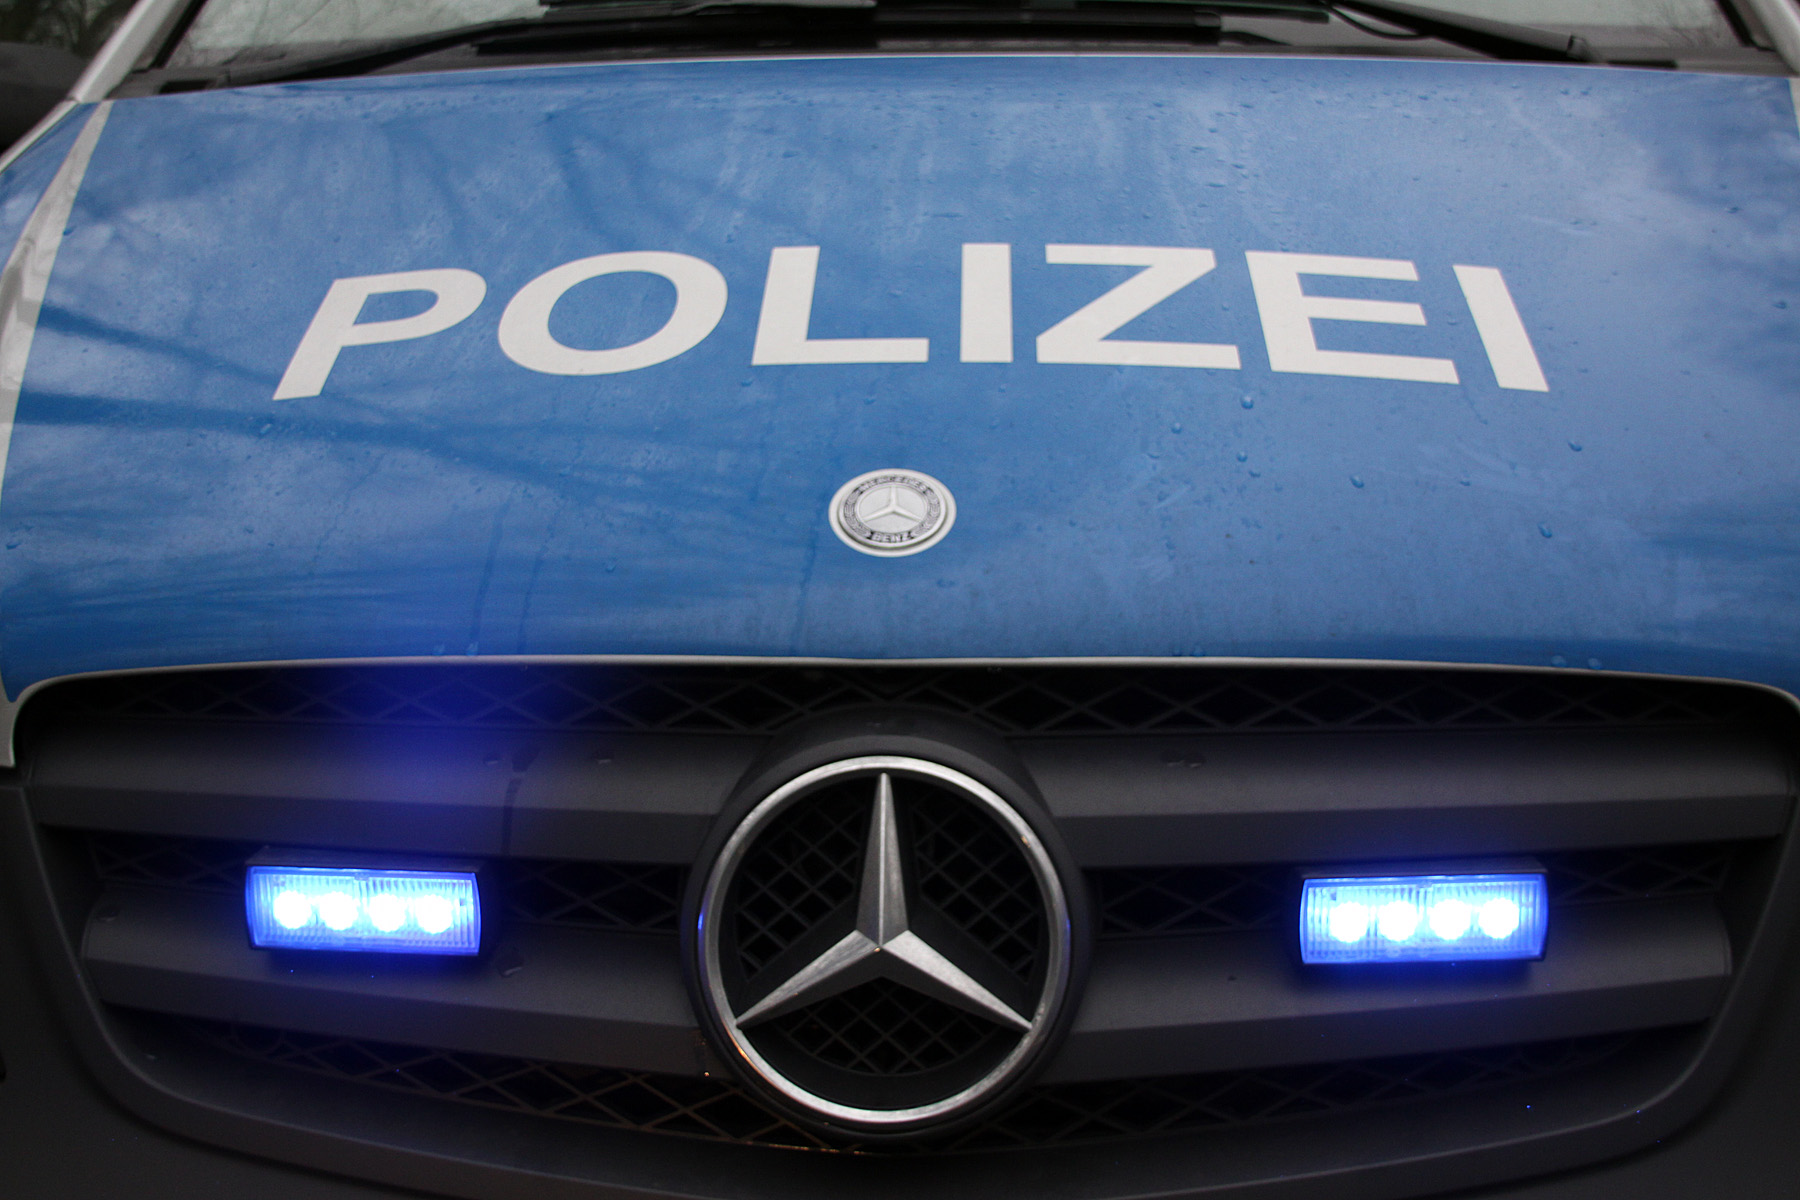 Polizei police car